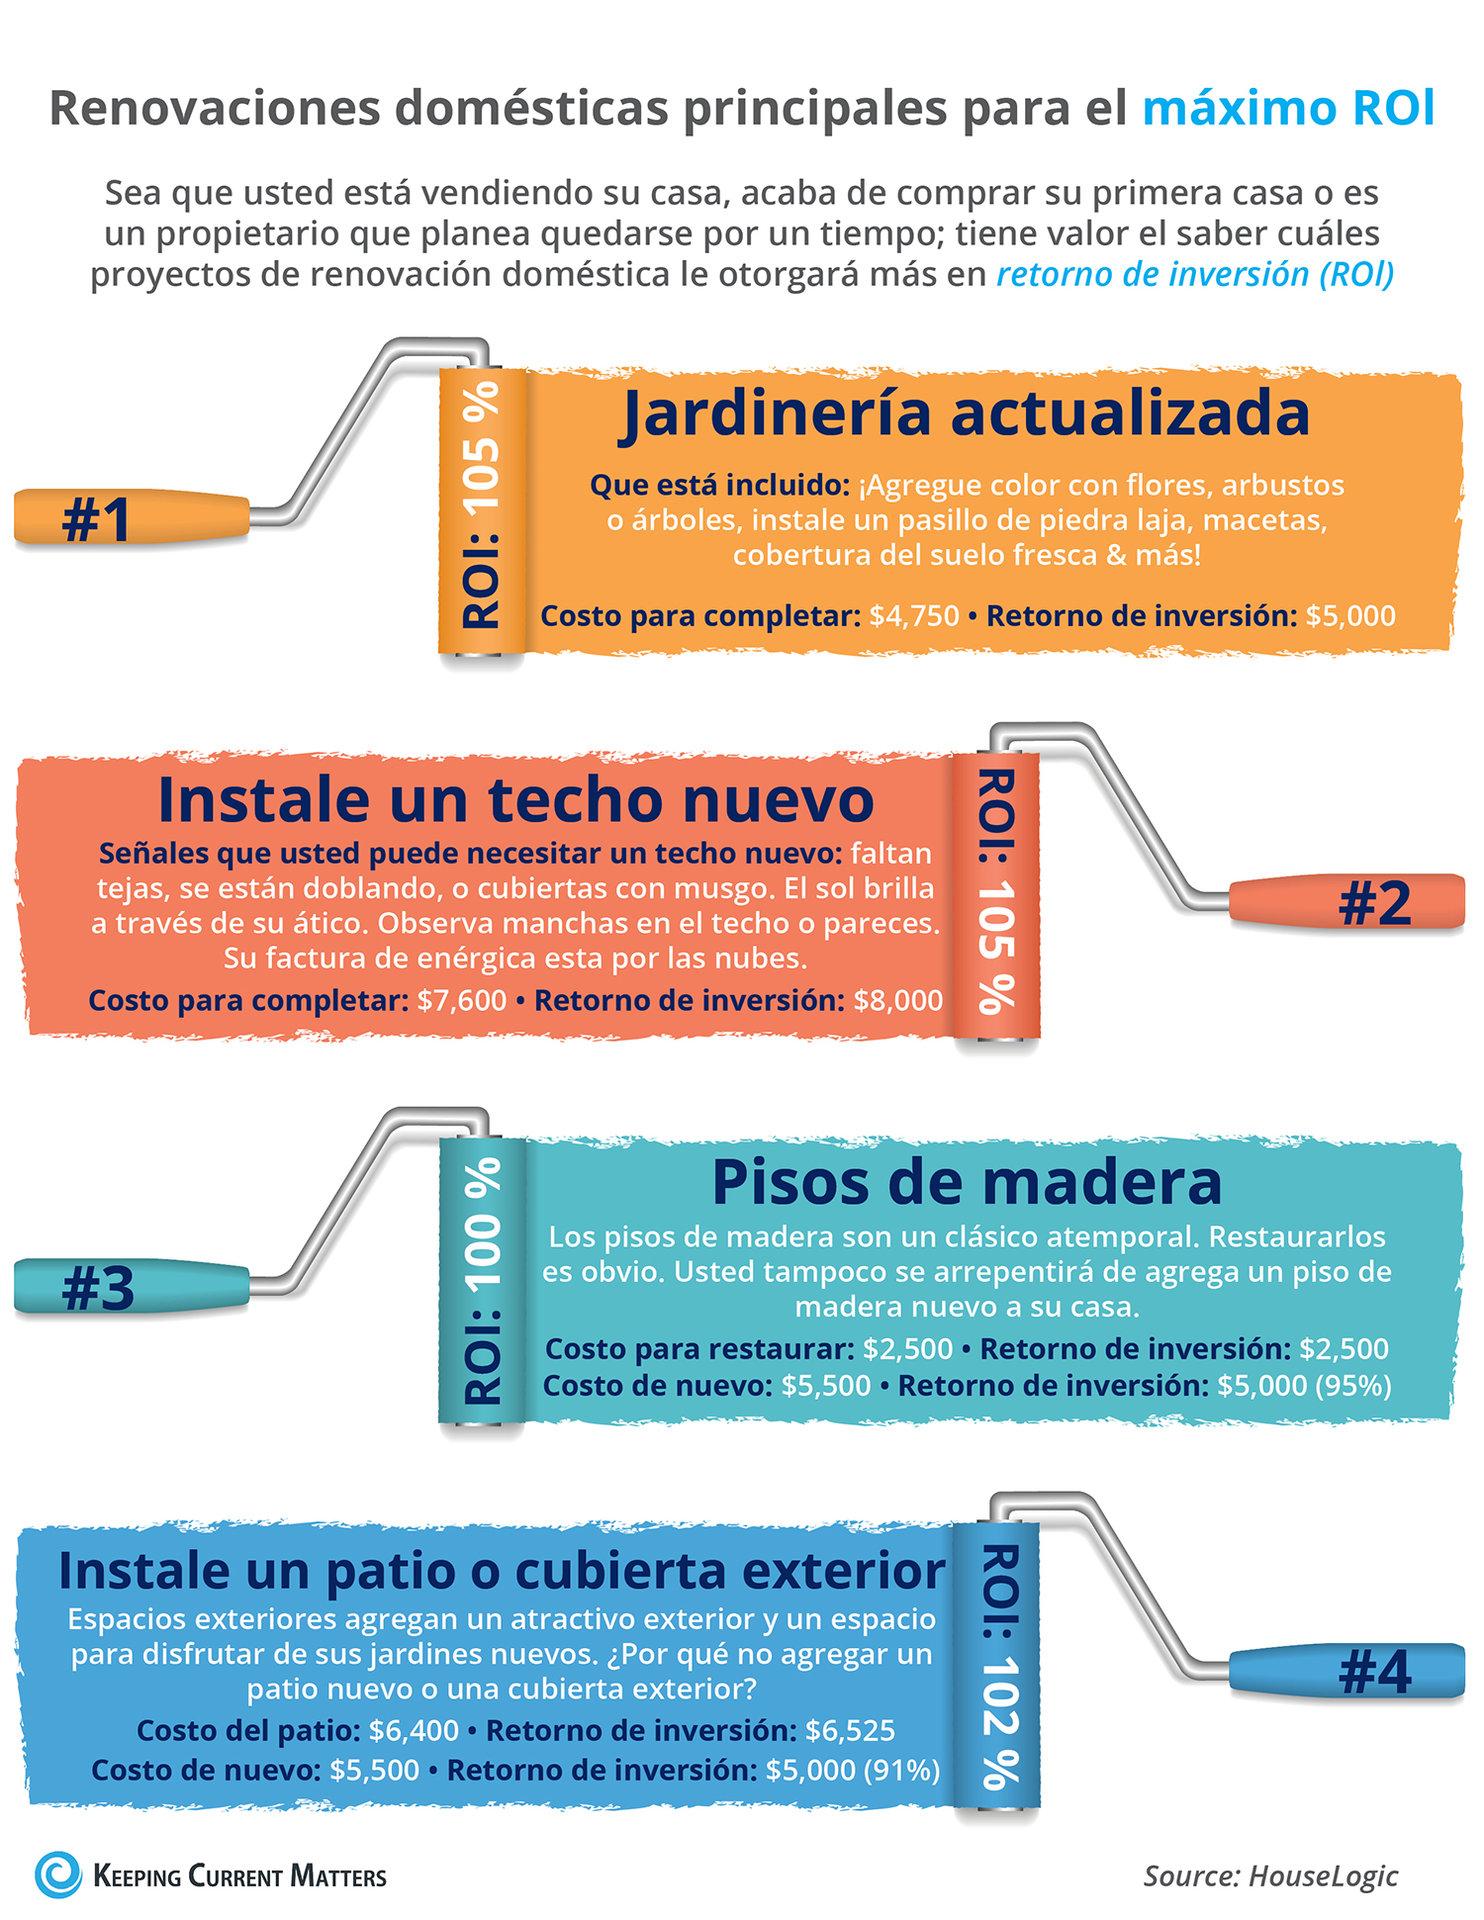 Renovaciones domésticas principales para el máximo Rol [INFOGRAFíA] | Keeping Current Matters